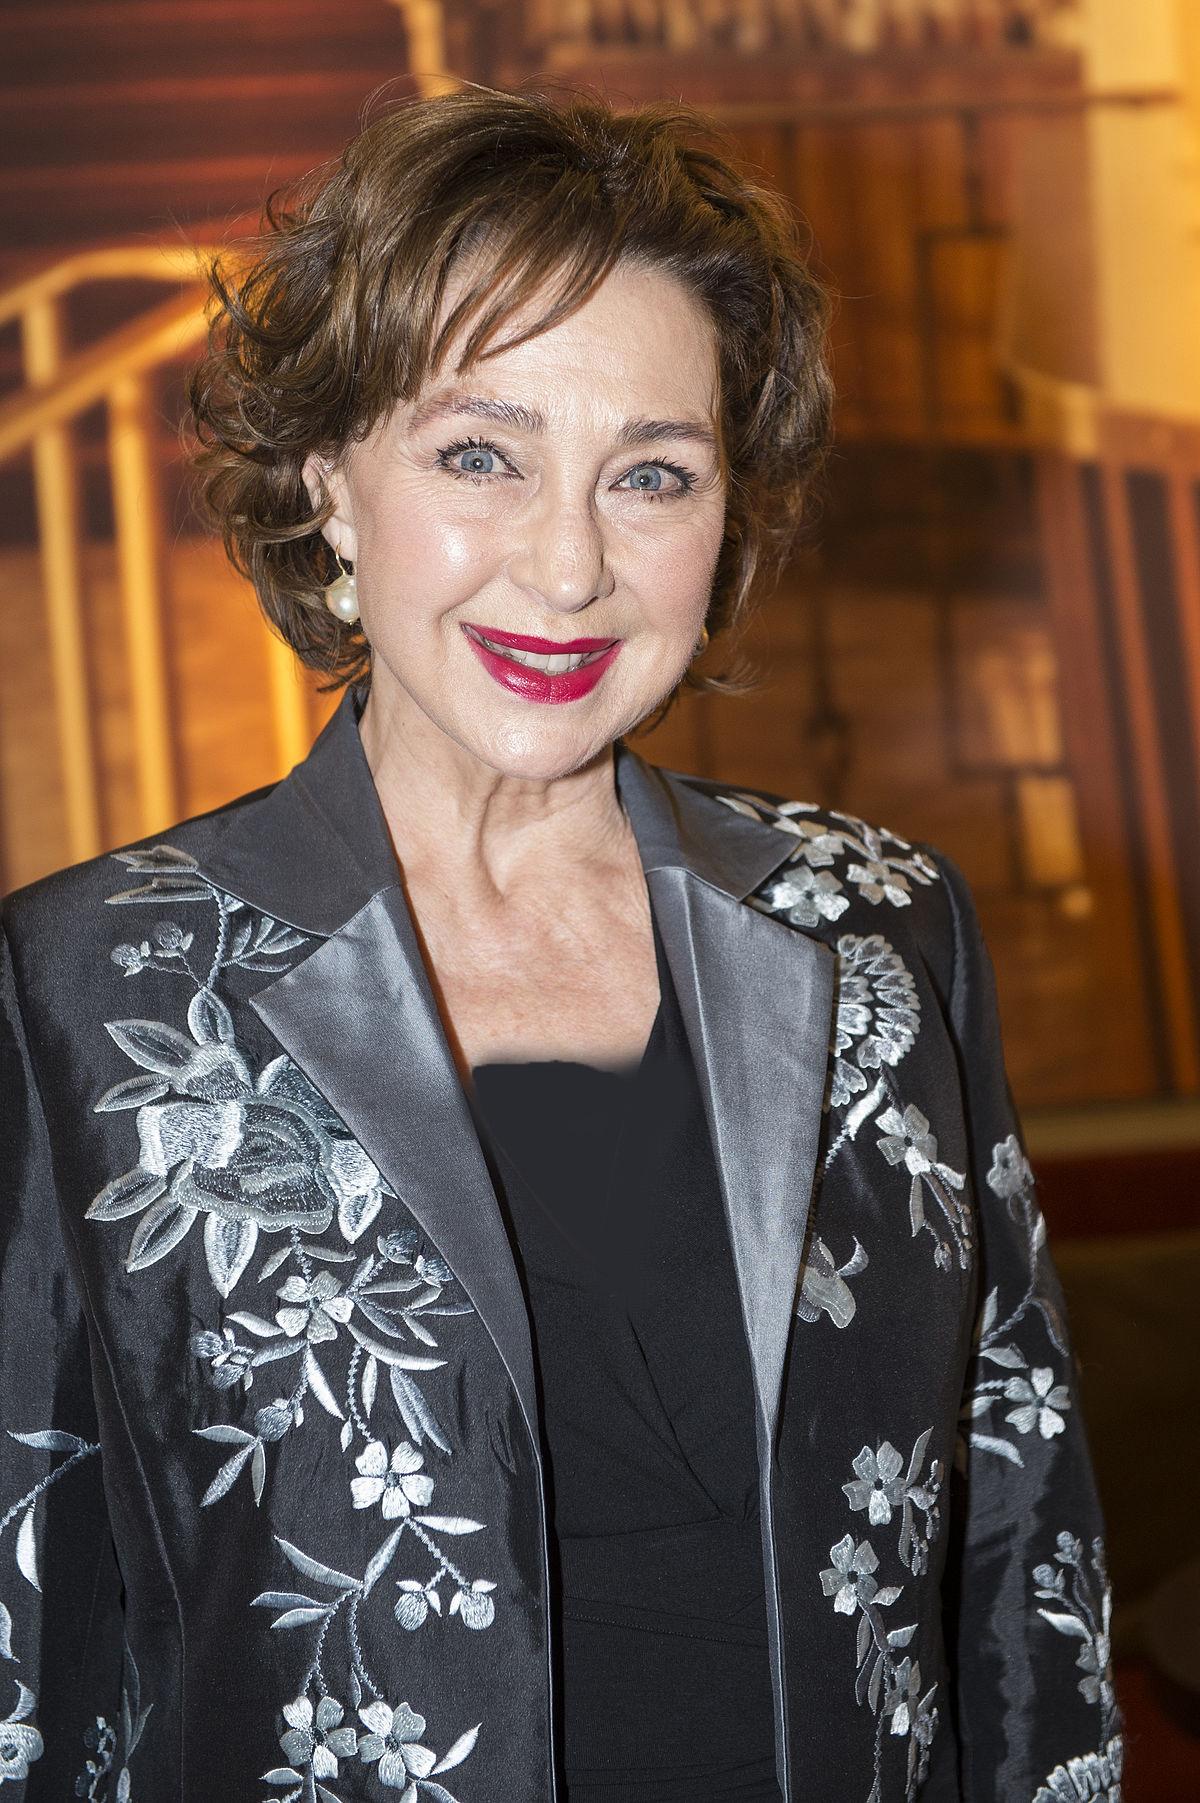 کریستین ماریا کافمن